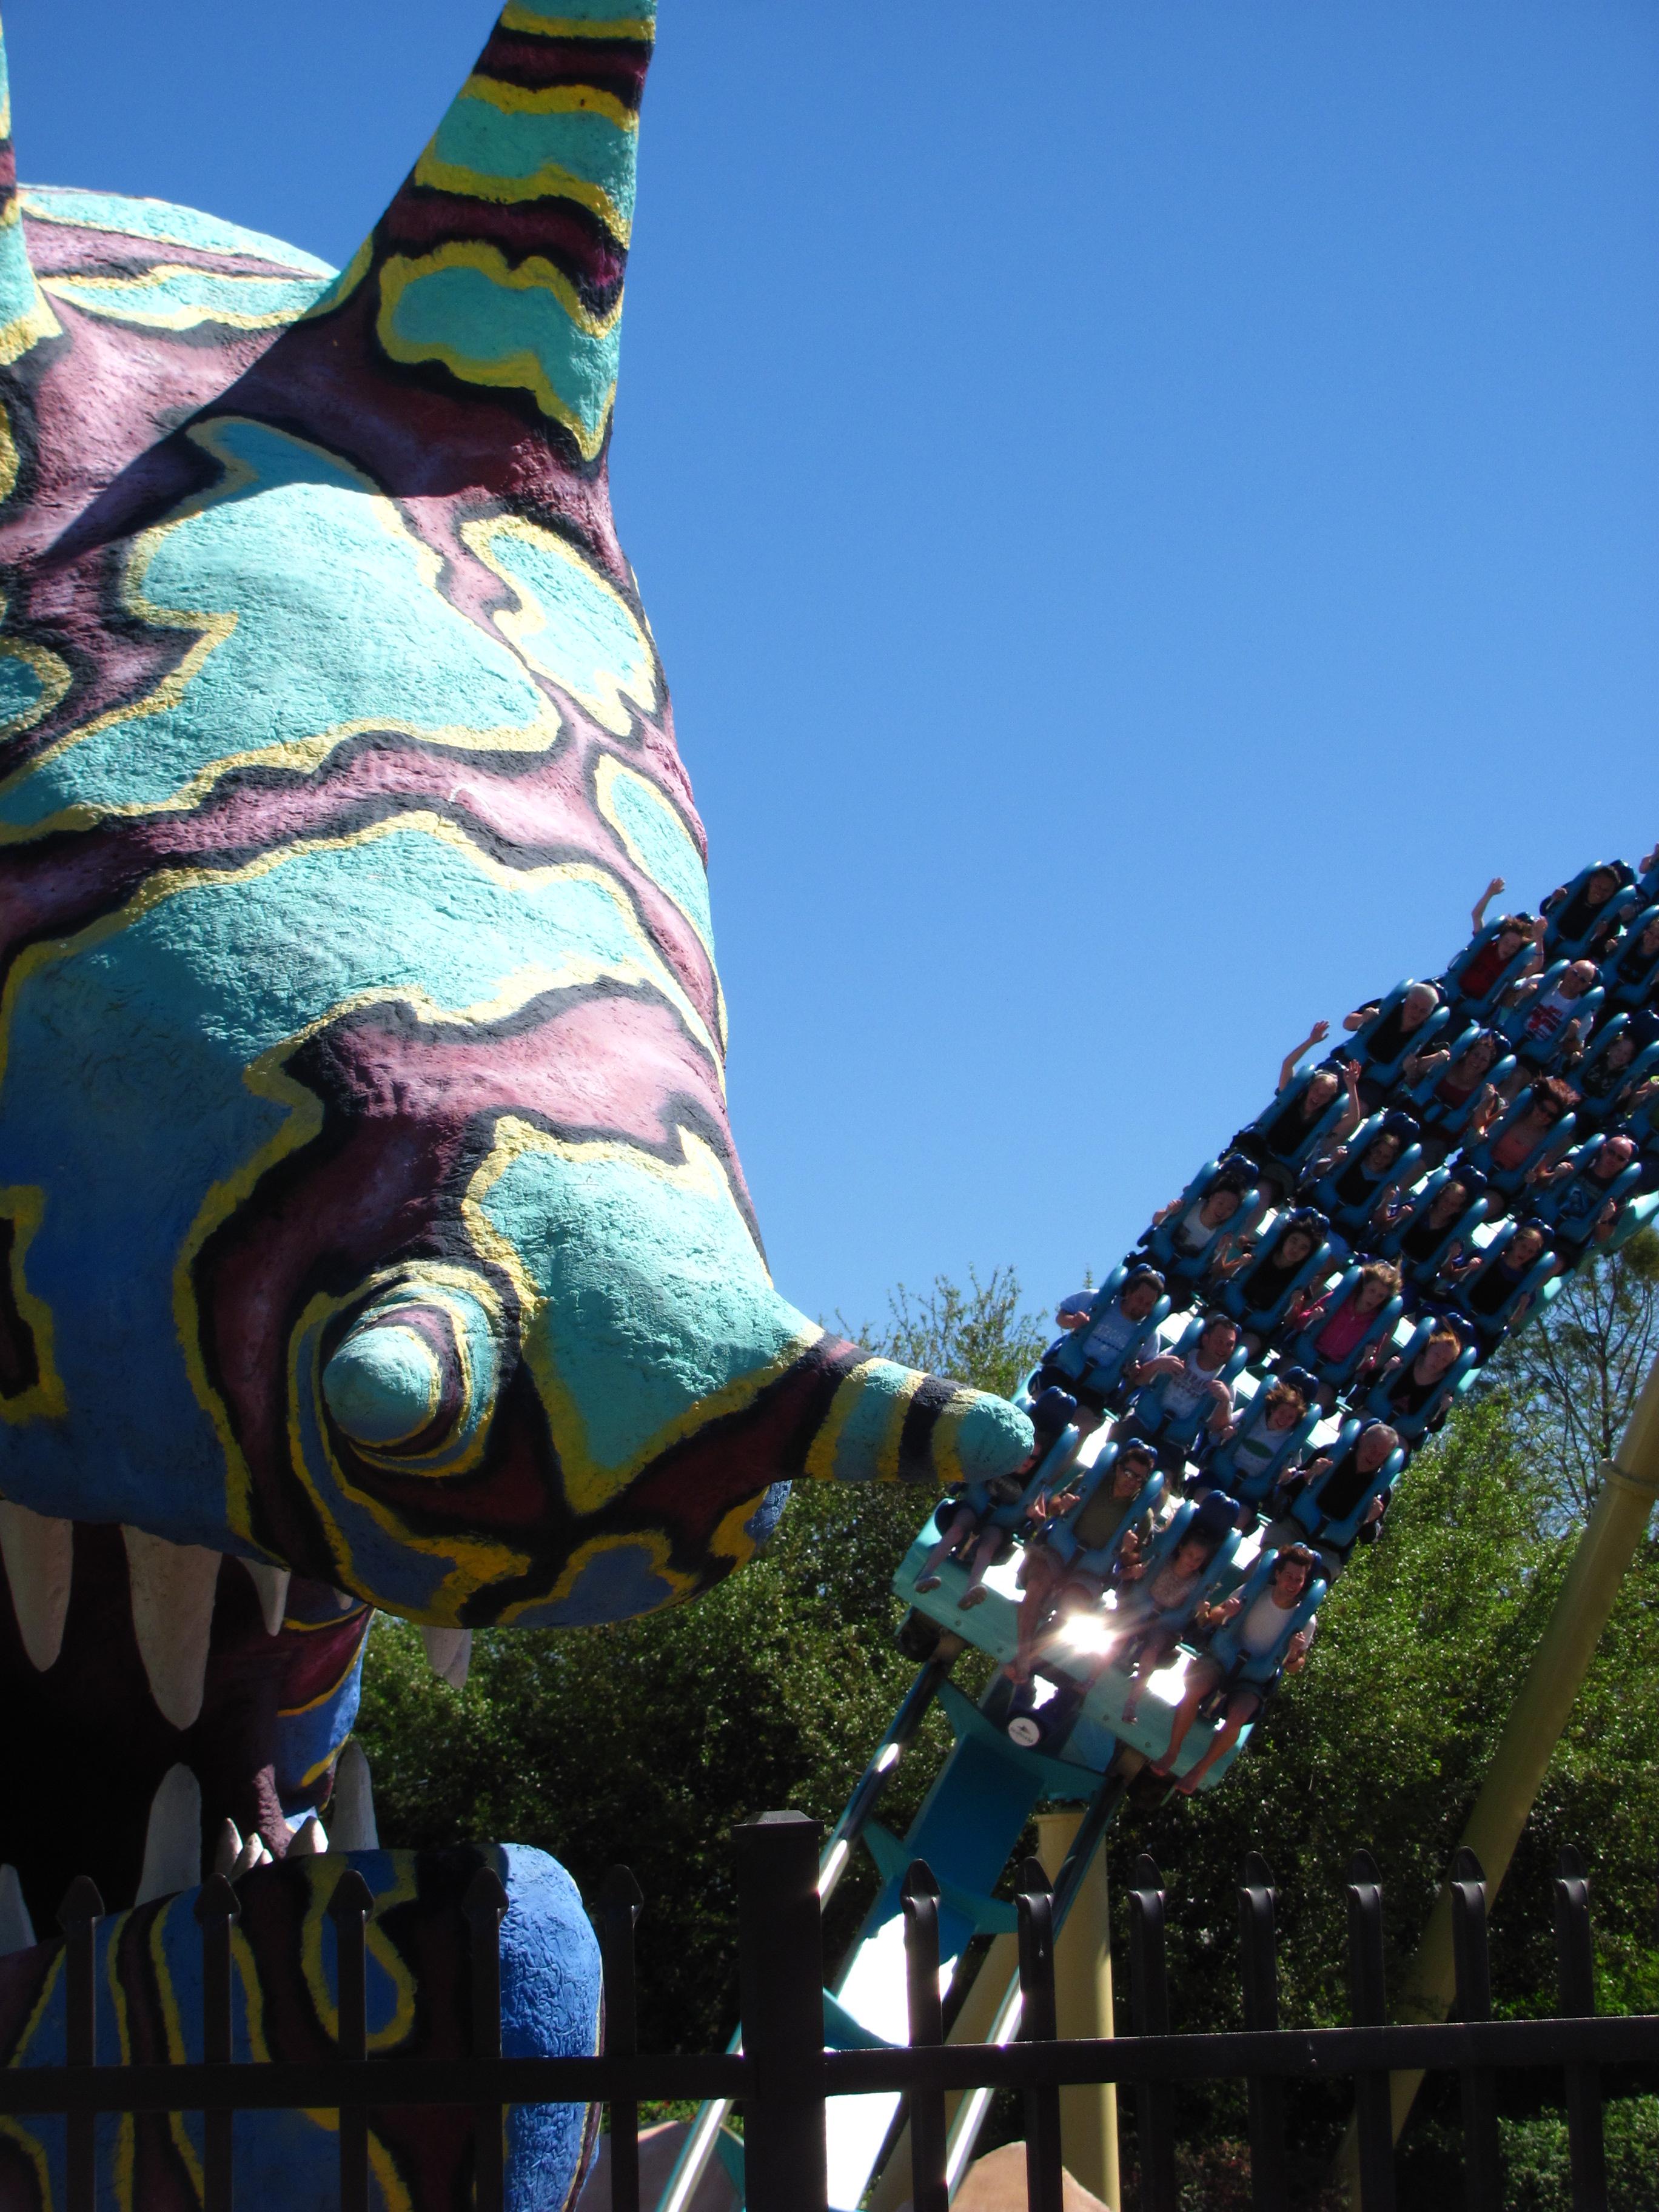 FileKraken Monster At SeaWorld Orlando 2